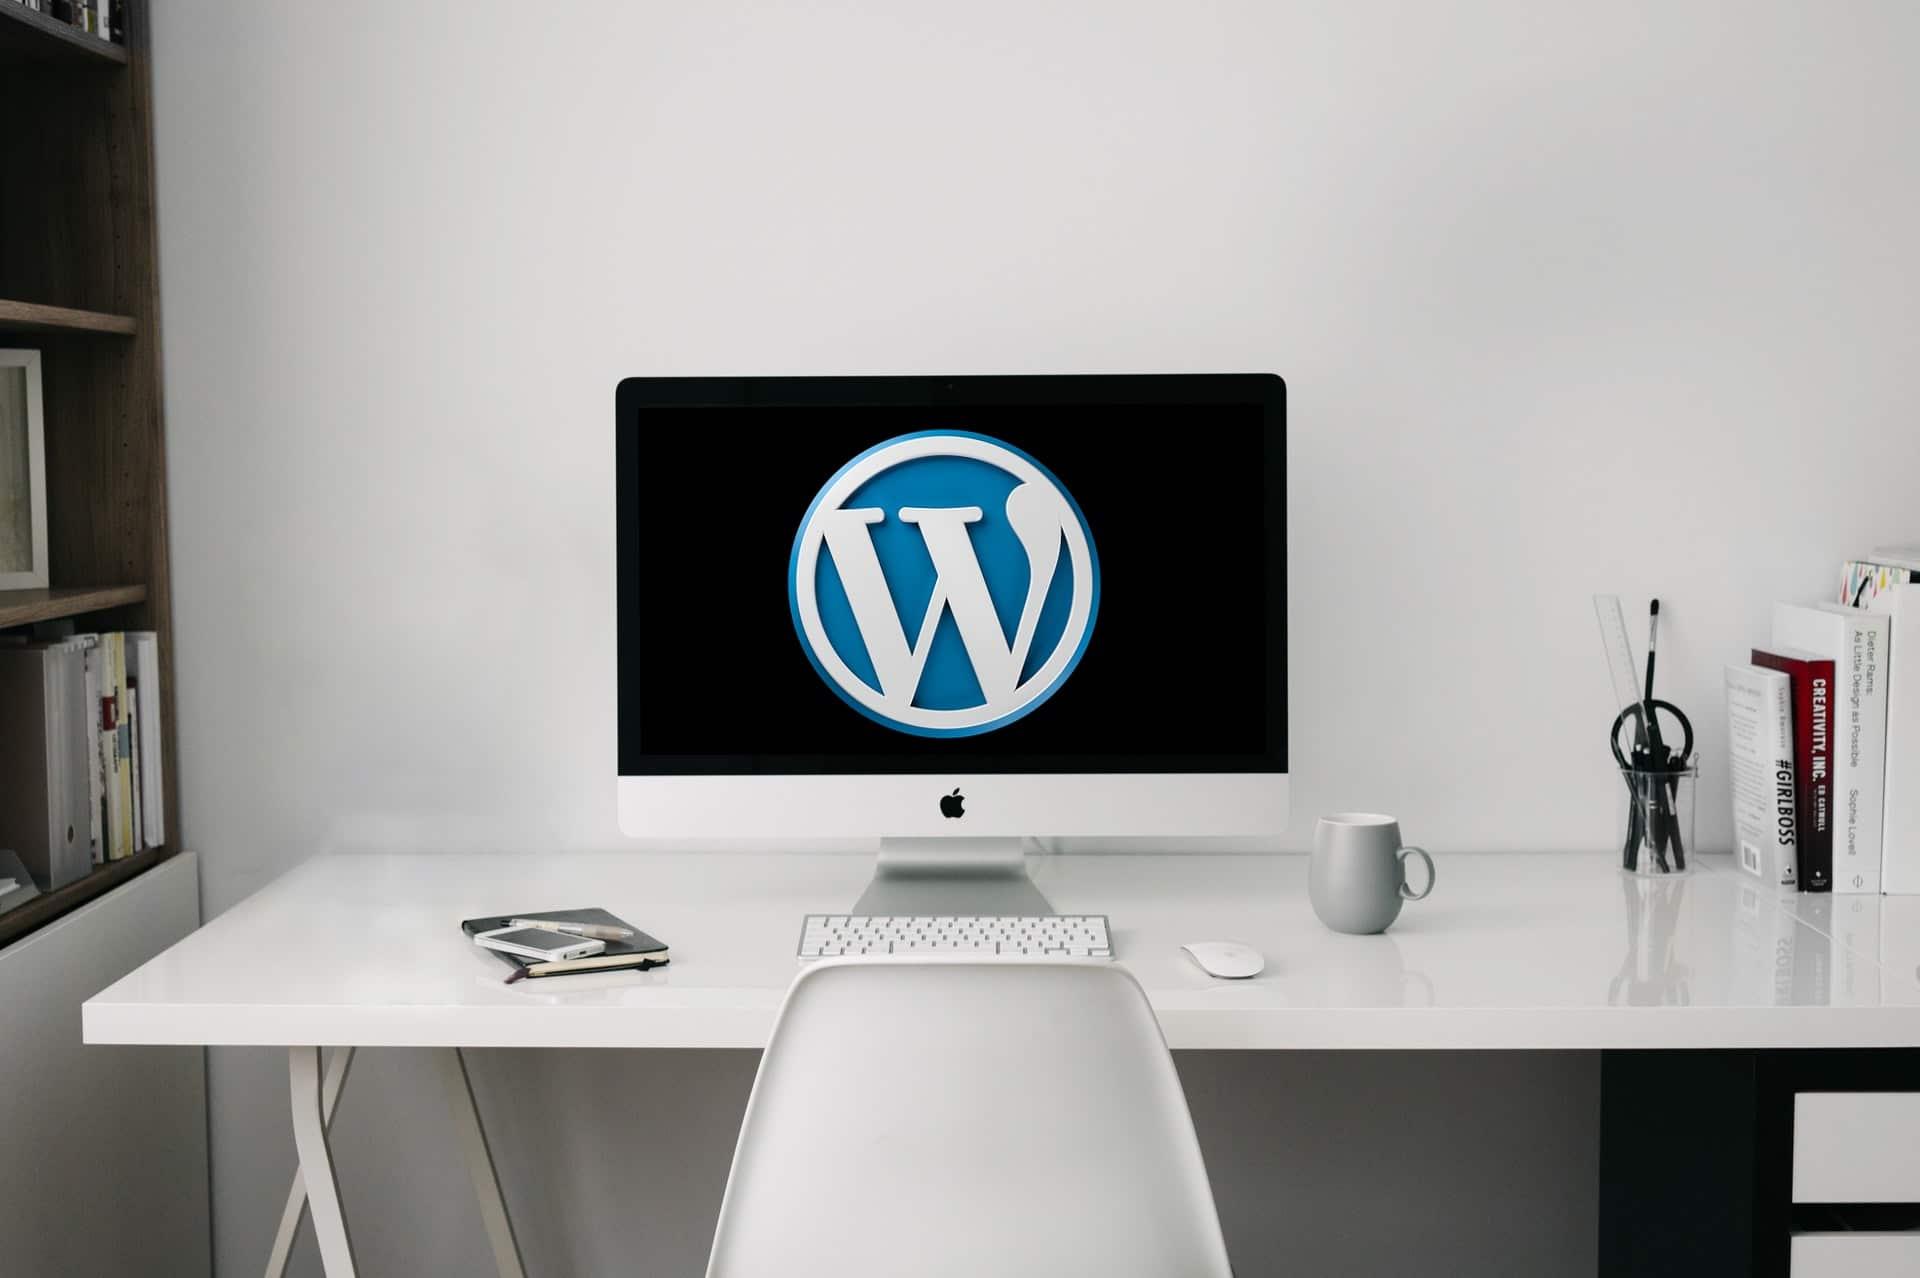 Wordpress 5 : Les nouveautés